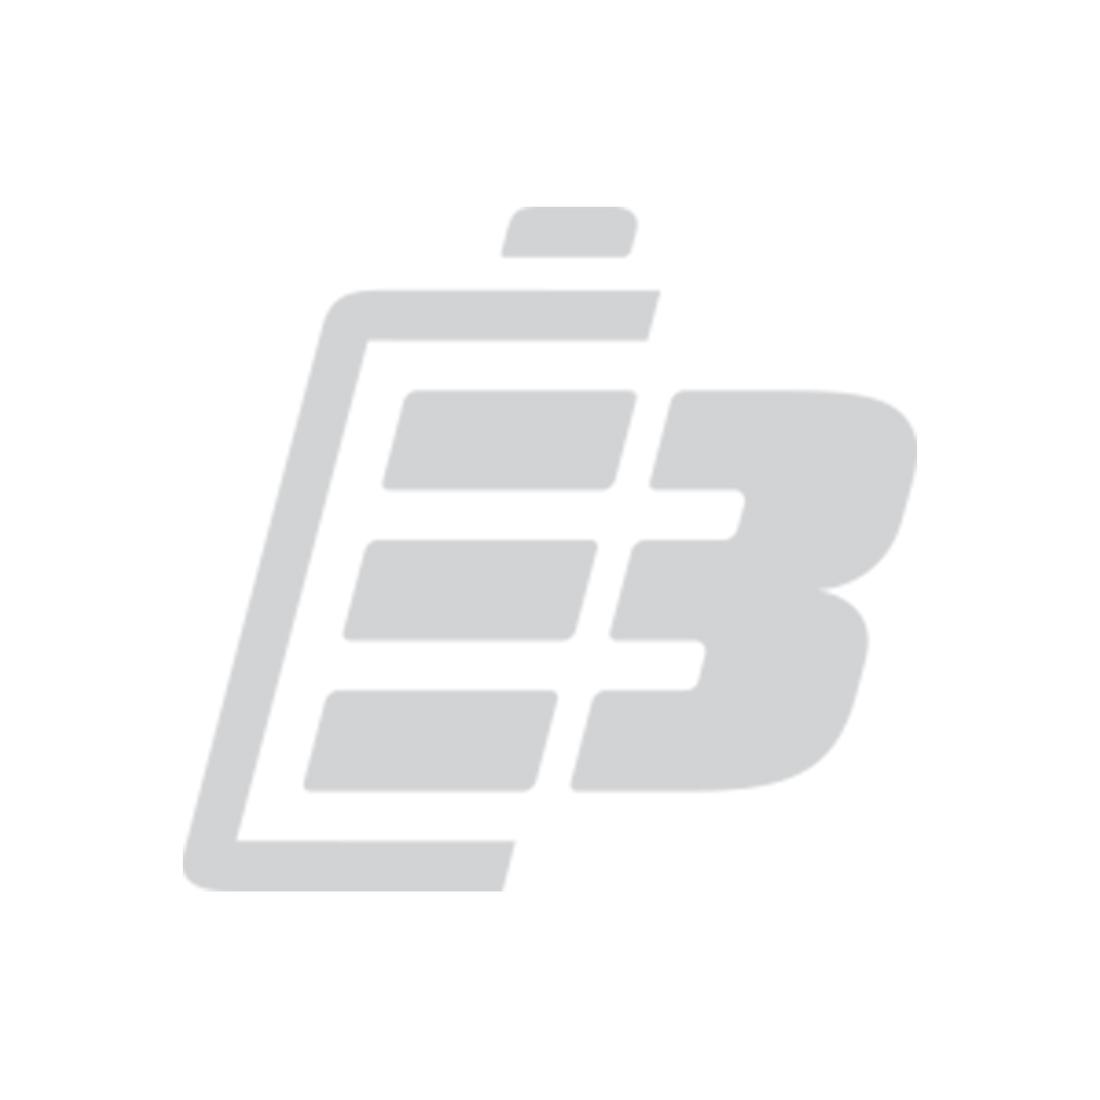 Power tool battery Bosch 9.6V 3.0Ah_1